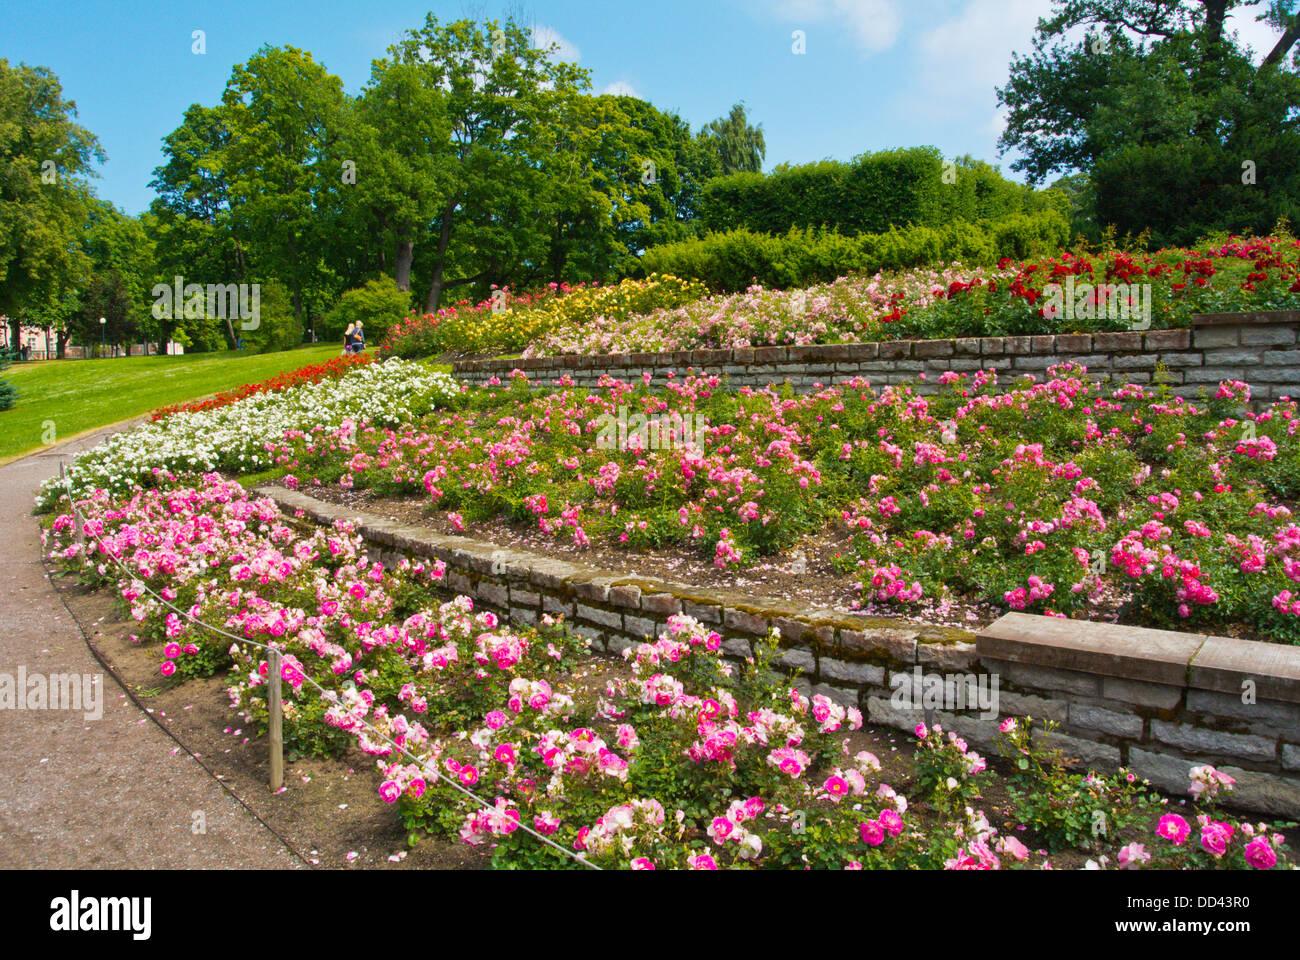 Country Gardens Summer Rose Stock Photos & Country Gardens Summer ...